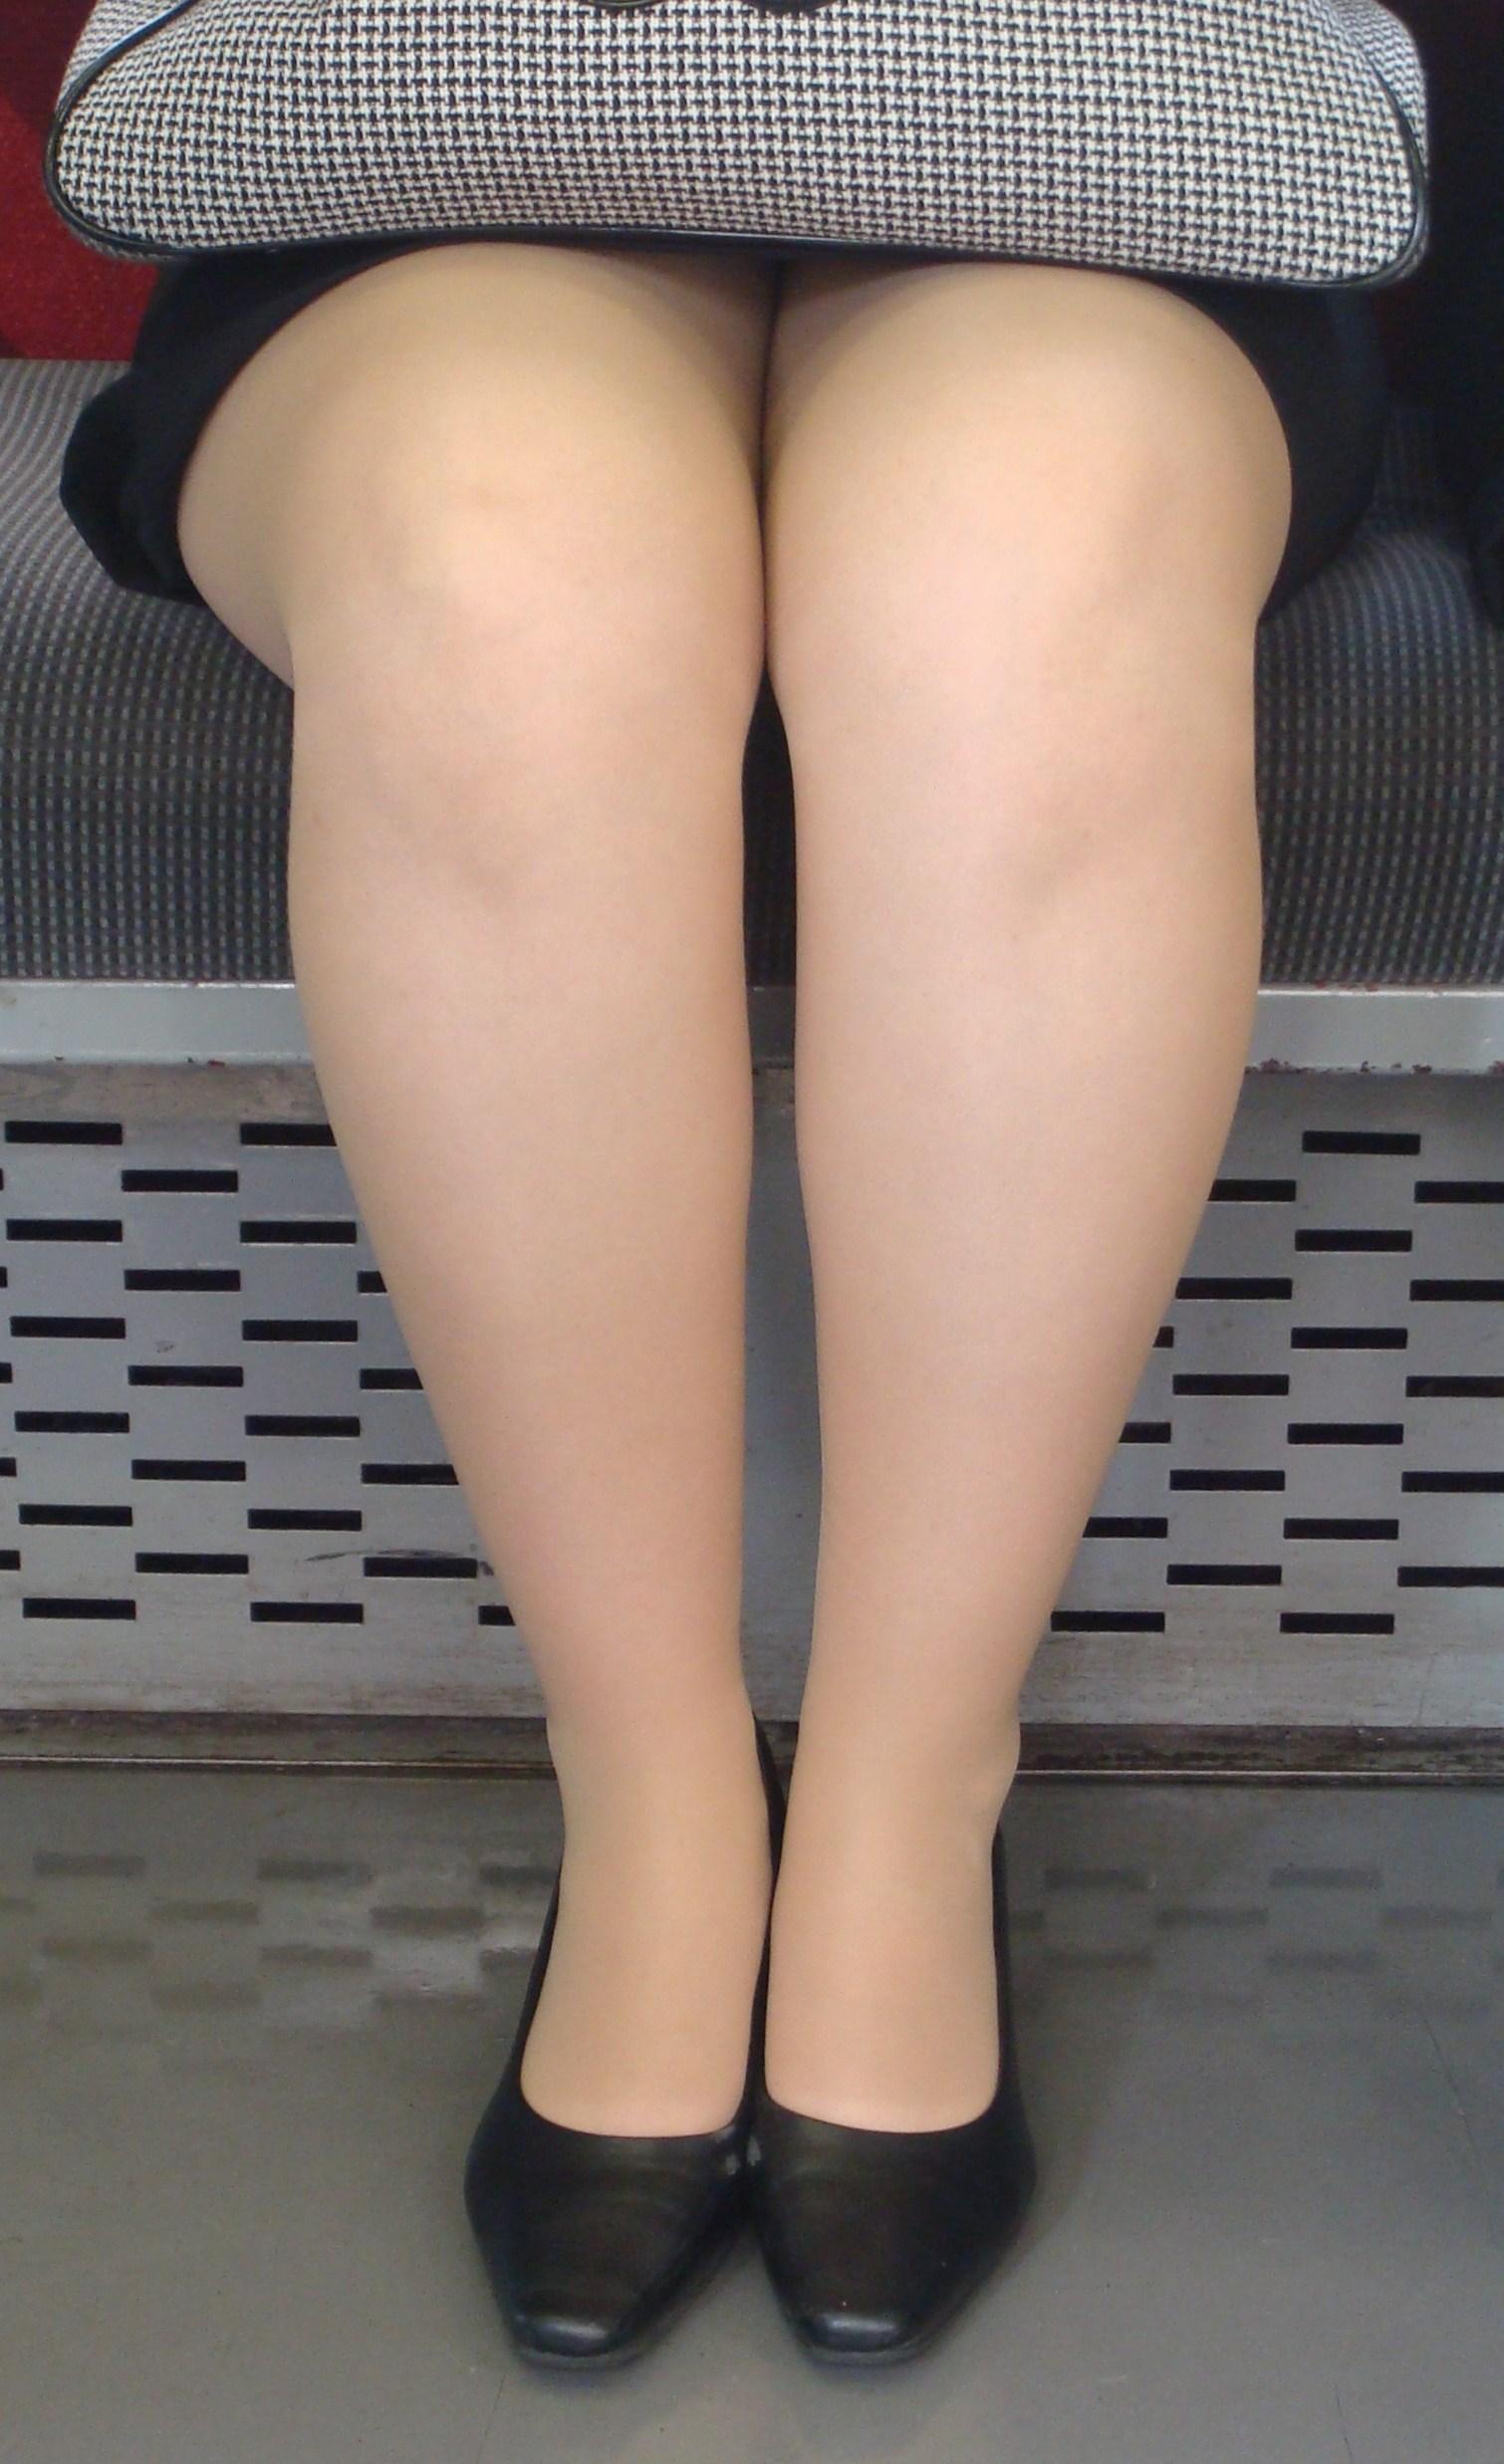 対面席に座るOLの美脚にムラムラしてしまう!